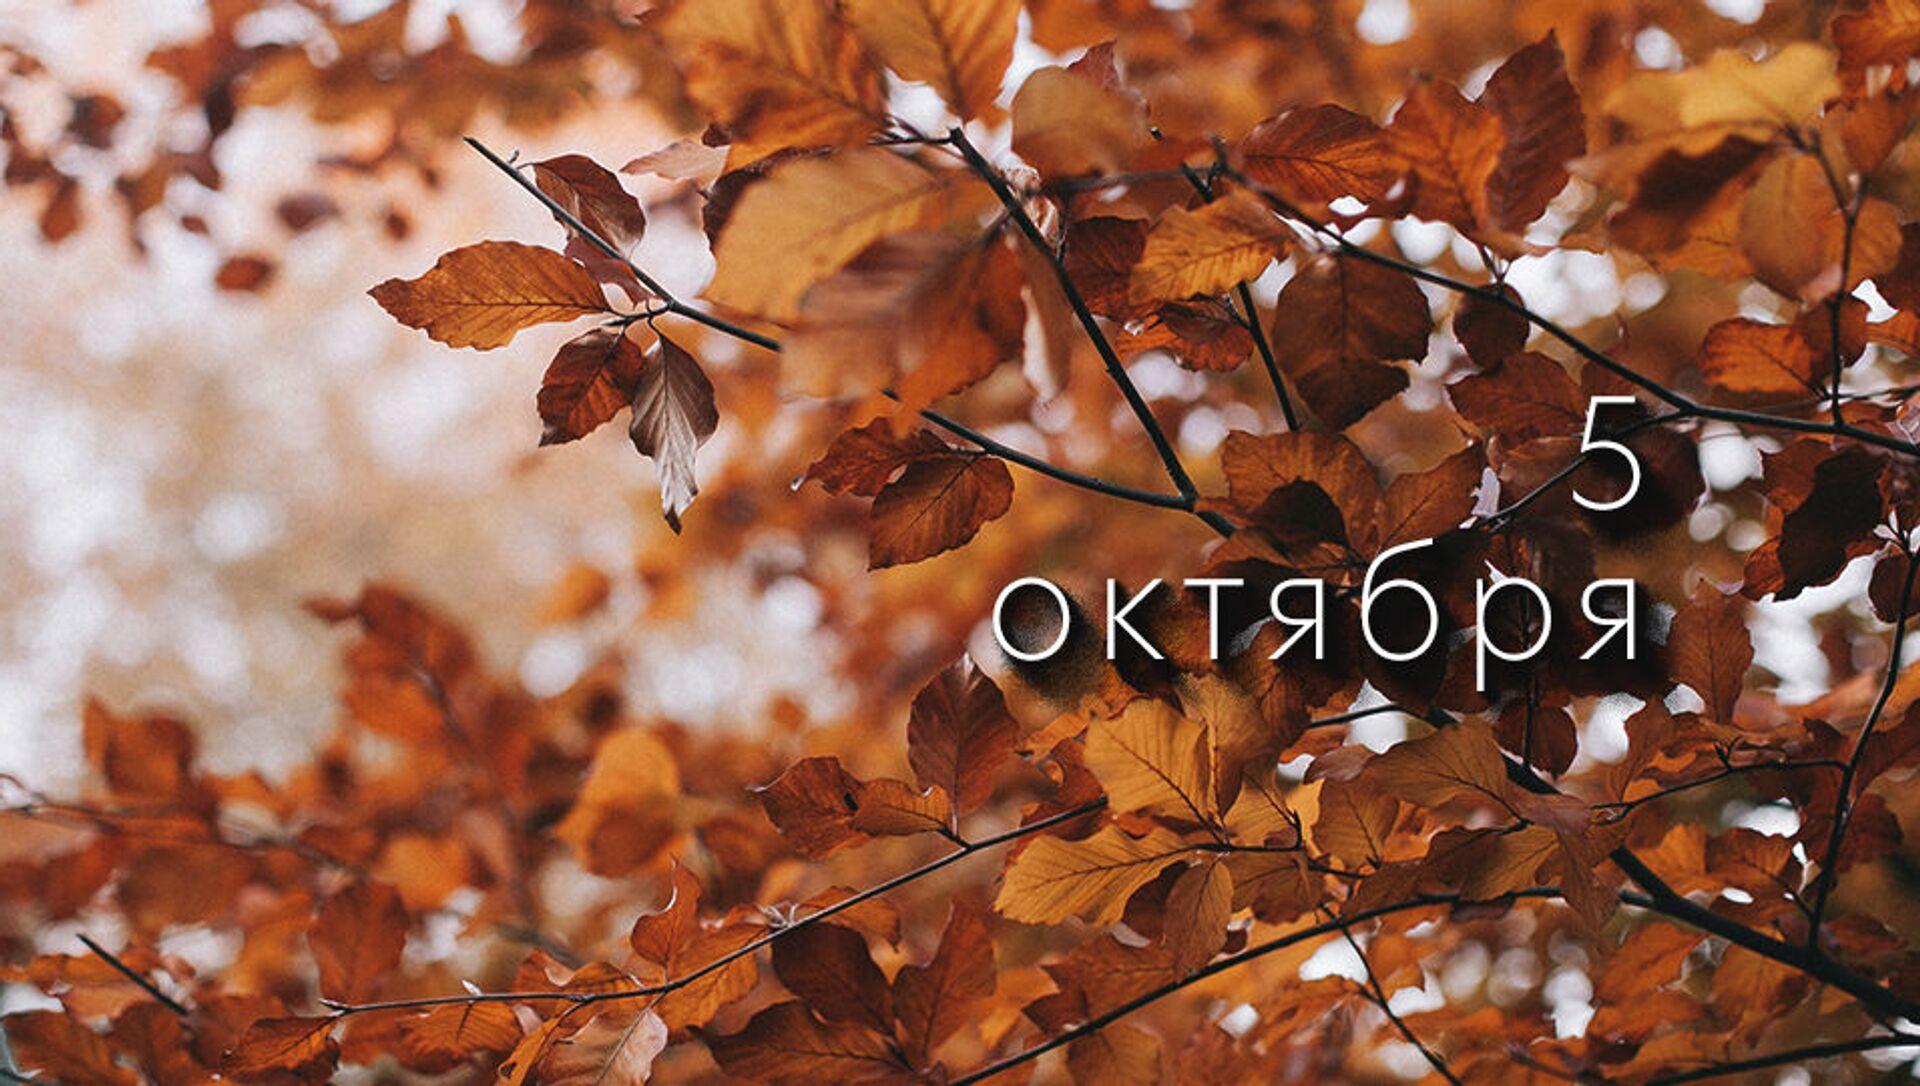 День 5 октября - Sputnik Южная Осетия, 1920, 04.10.2021